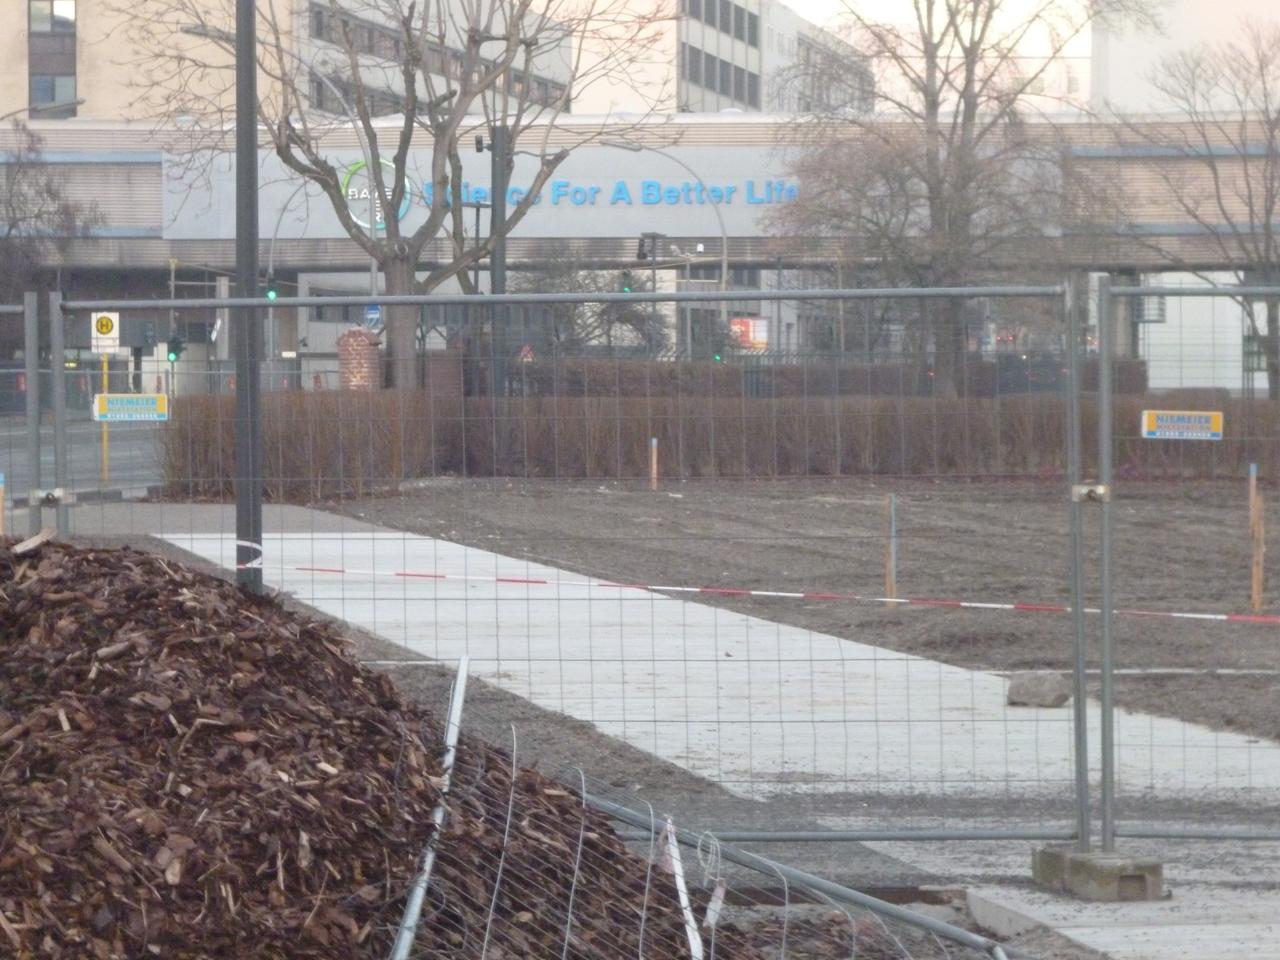 bayer-berlin-parkxcjhs.jpg